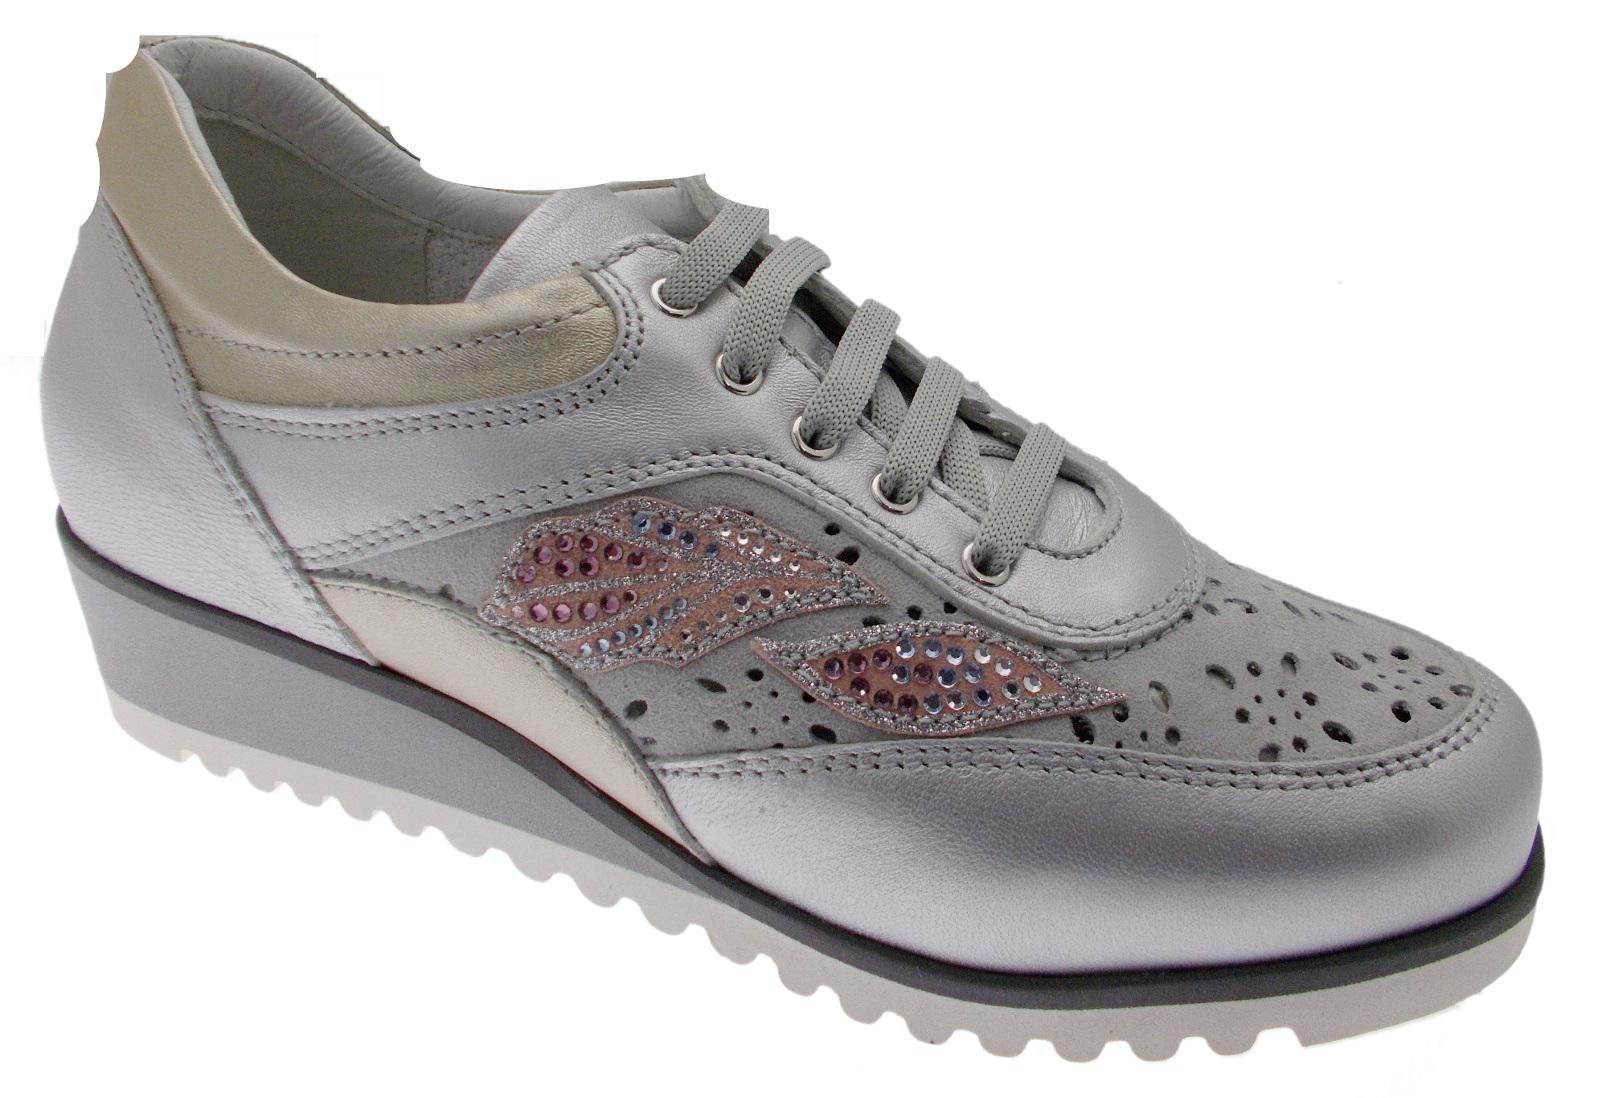 20ef6672 Zapato de ortopédicos mujer C3788 ortopédicos de Cordones Tenis gris Polvo  Loren 0d8c23